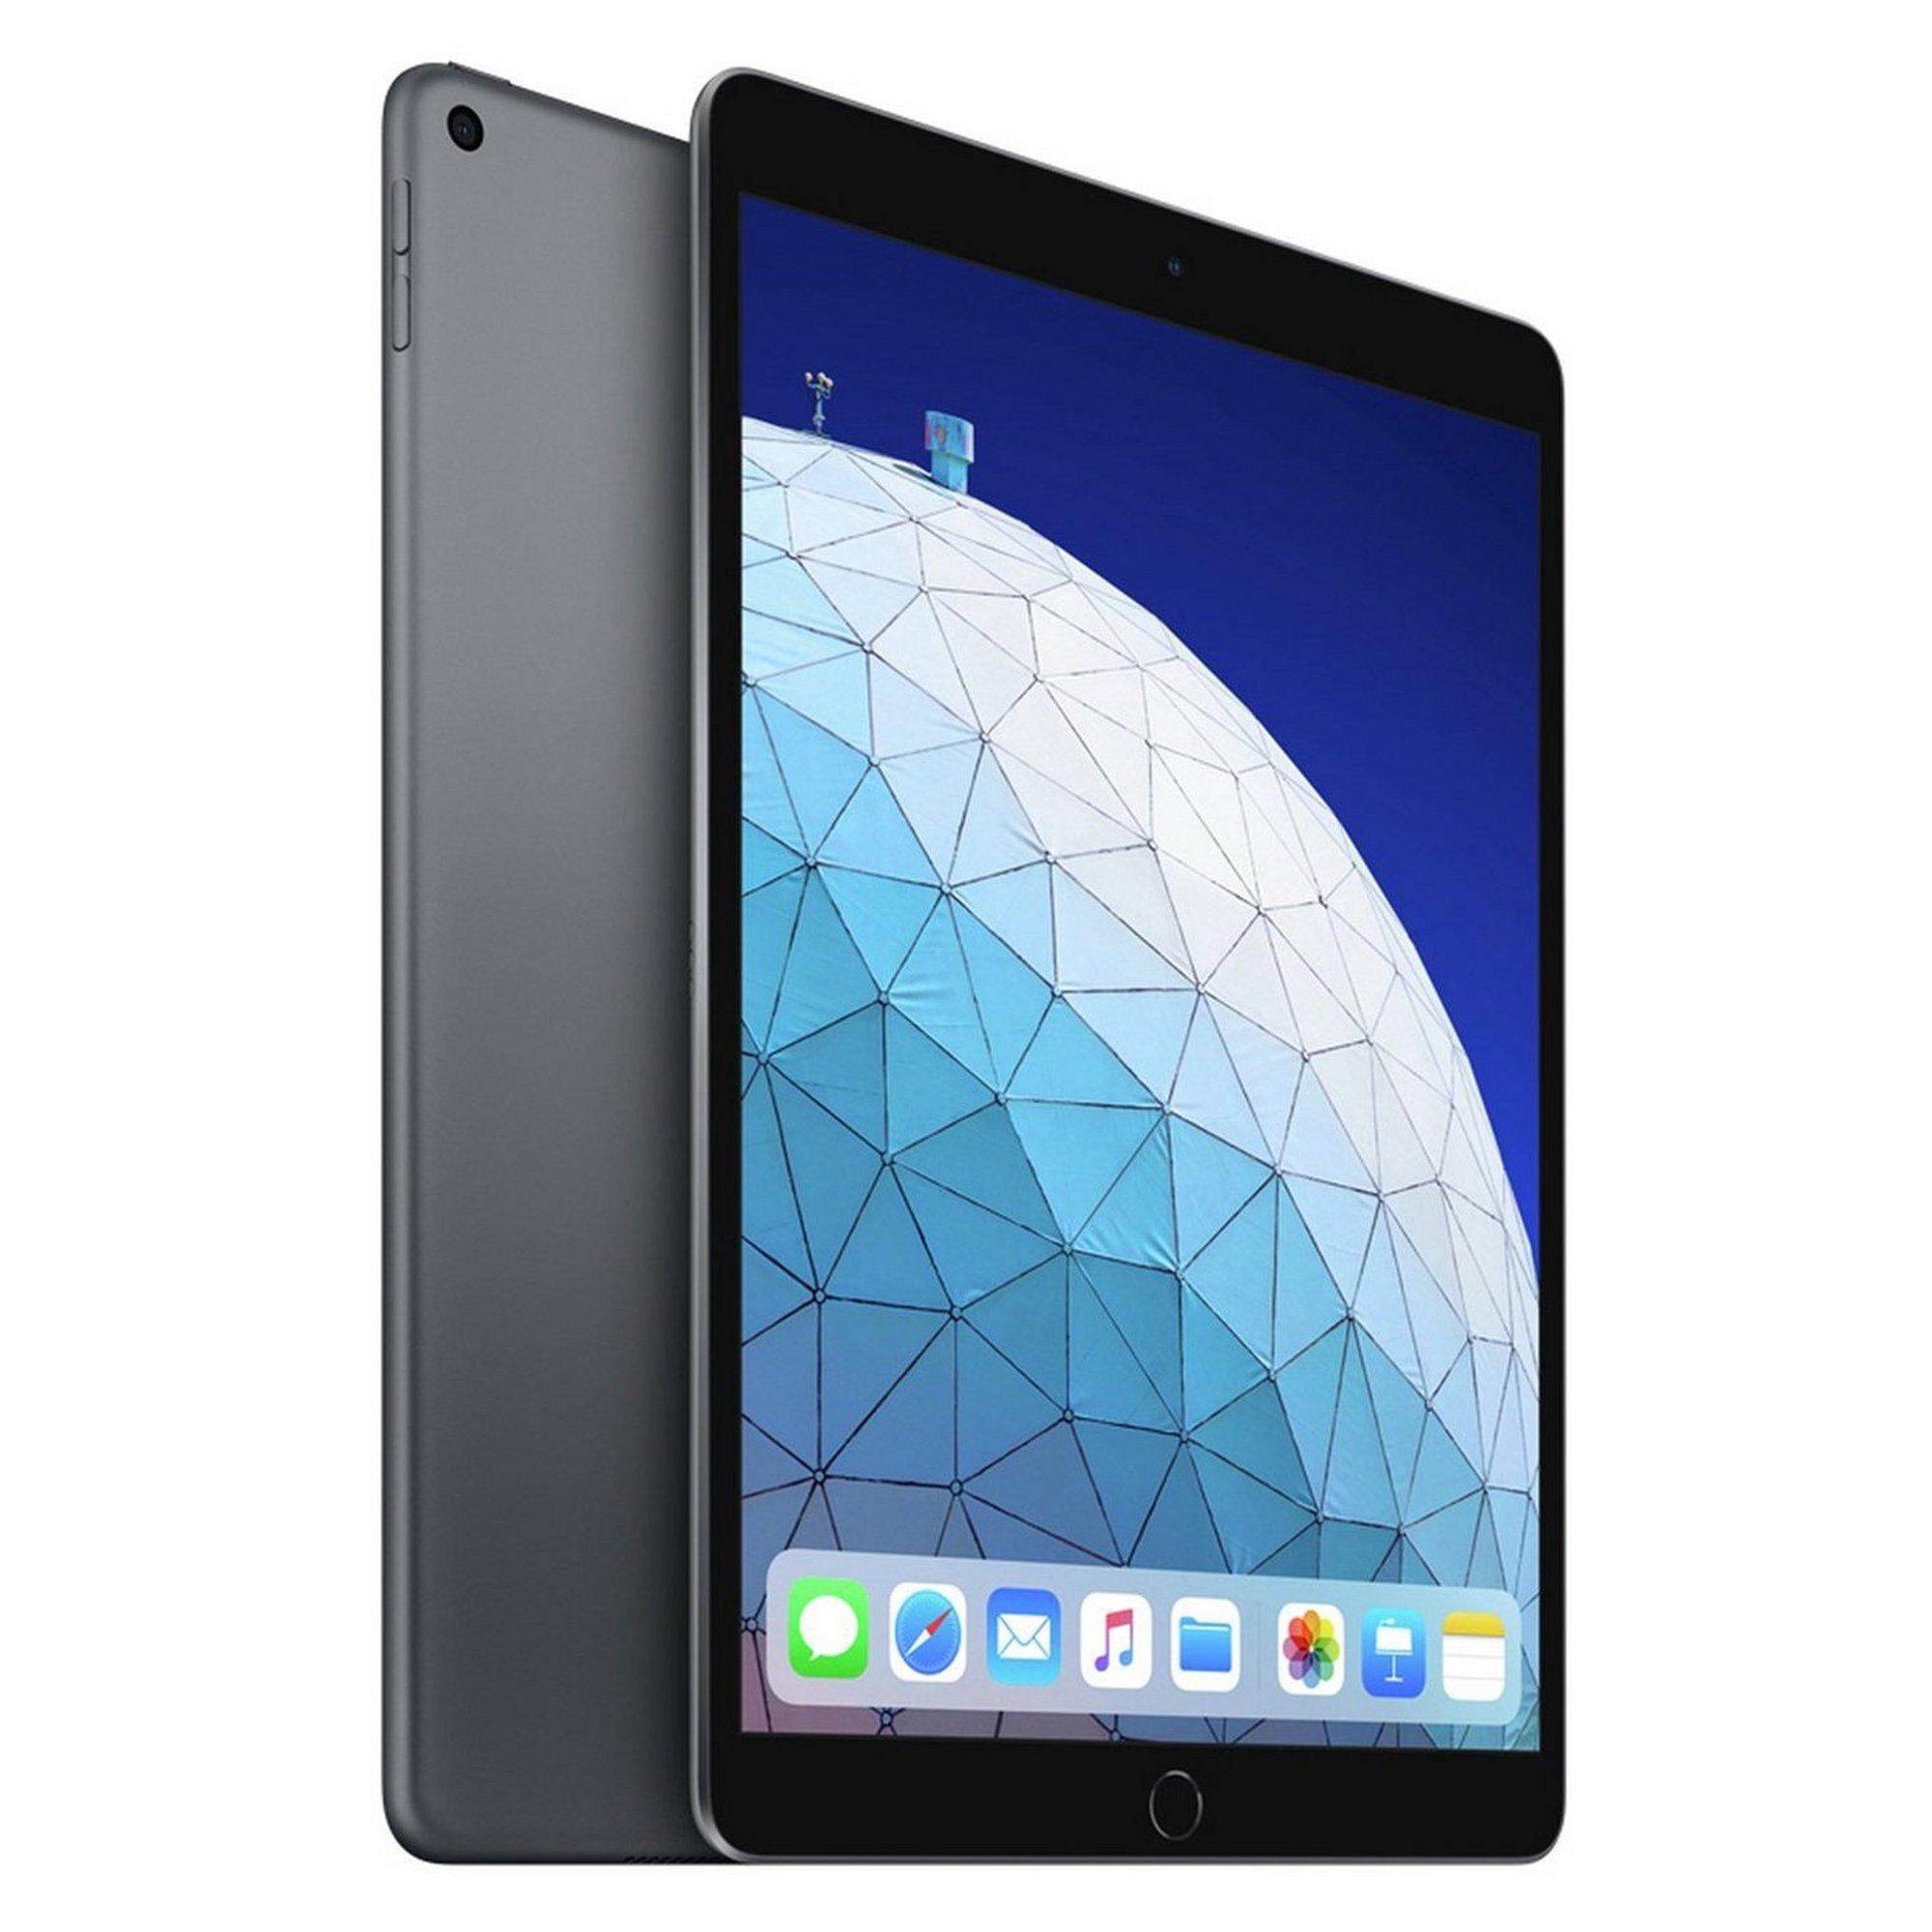 Image of Apple iPadAir 10.5 Inch Wi-Fi 256GB